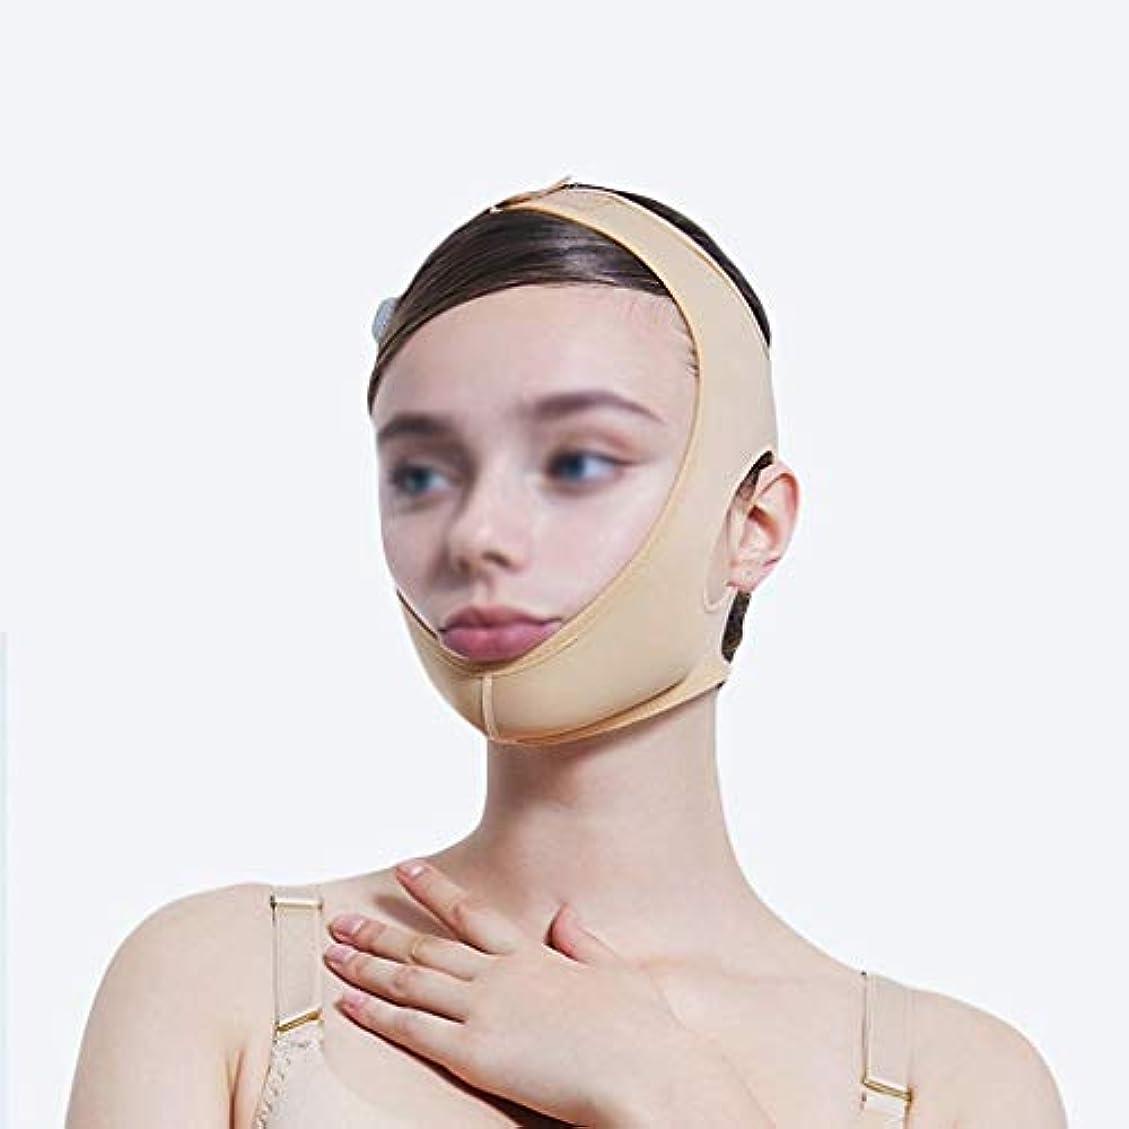 裏切り者事故まだフェイシャルライン、頬、しわ防止フェイシャル減量、フェイスバンド、フェイスマスク、フェイスリフティング、通気性、ダブルチンストラップ(サイズ:XXL),M